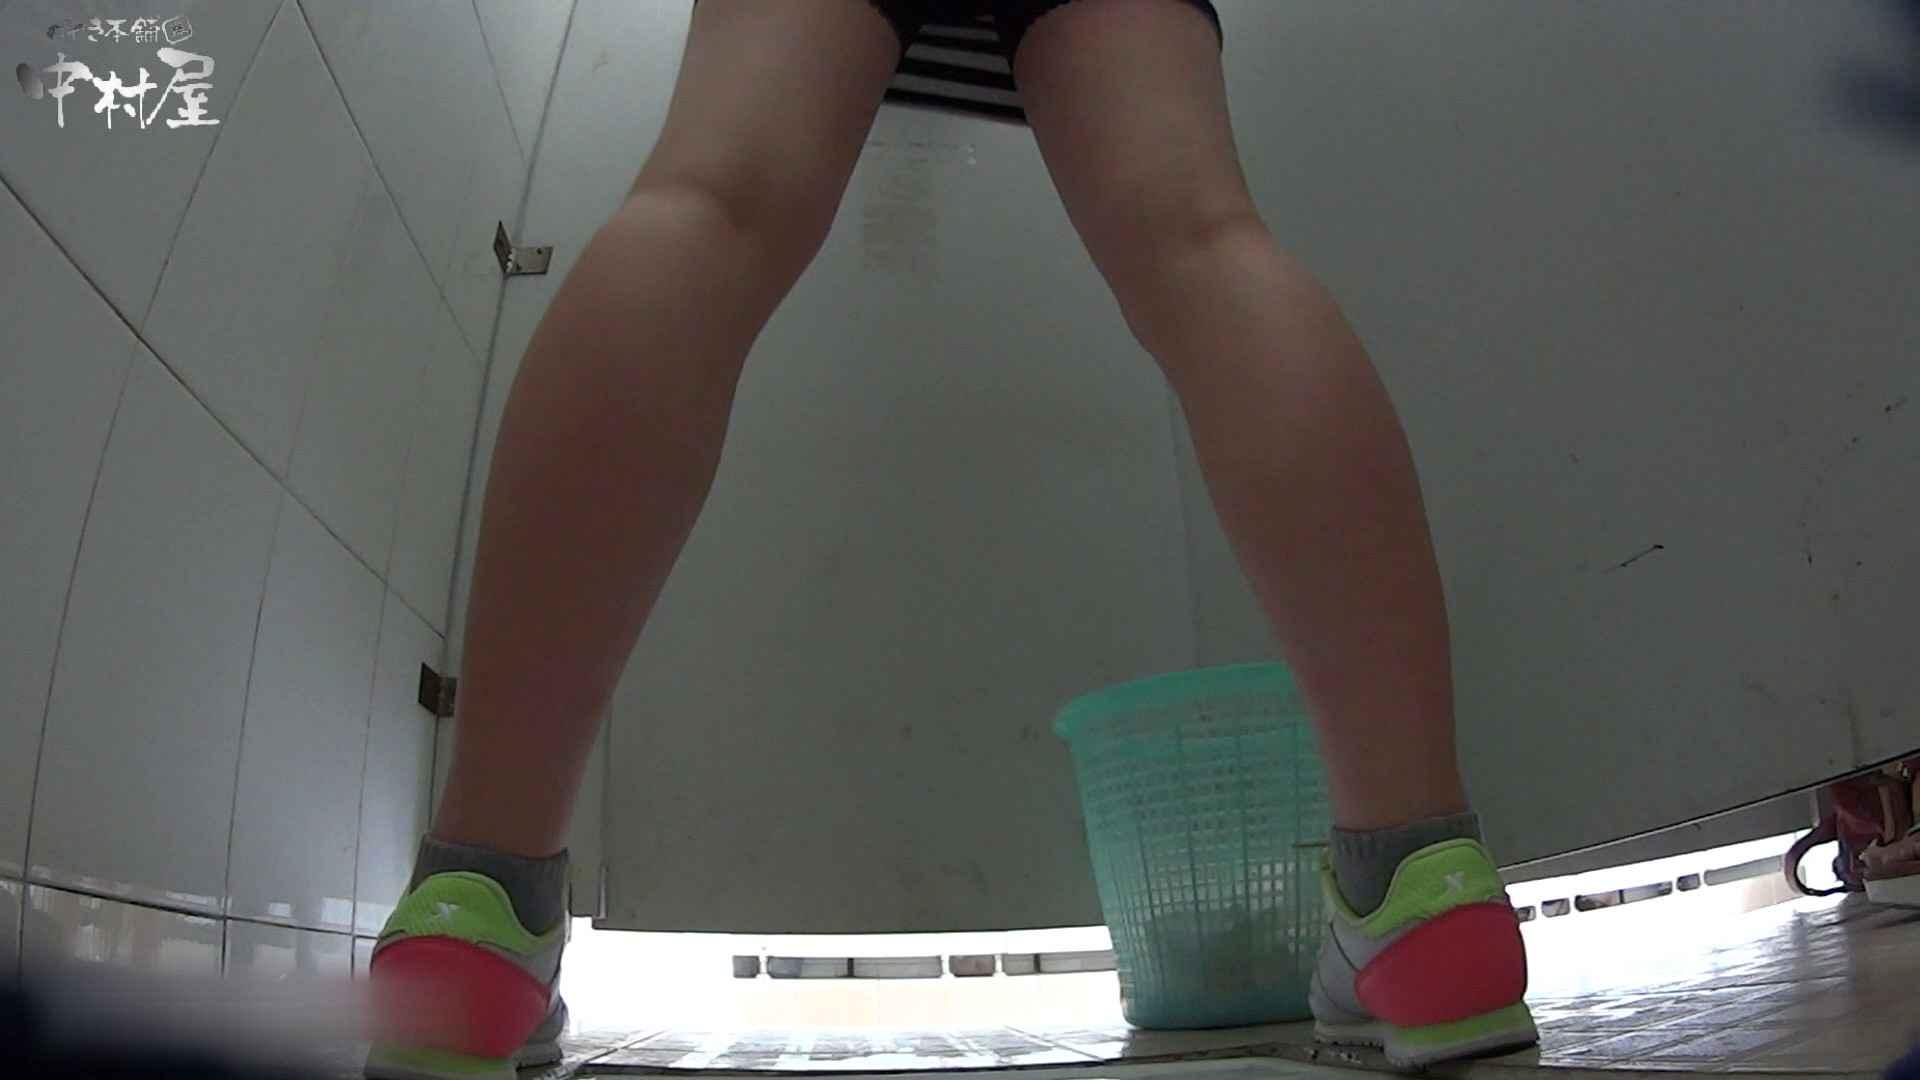 美しい女良たちのトイレ事情 有名大学休憩時間の洗面所事情06 高画質  101Pix 61